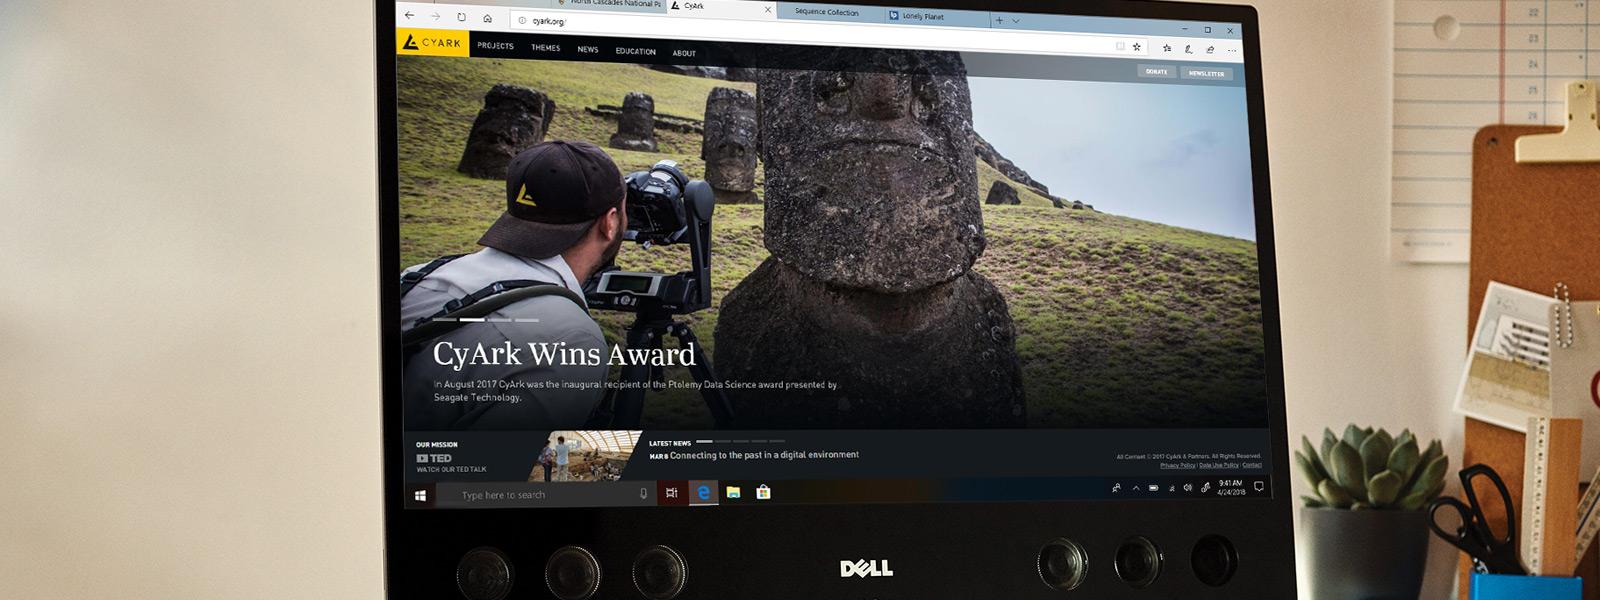 Computermonitor op een bureau, met een Microsoft Edge-browser waarop 4K Ultra HD-video wordt weergegeven